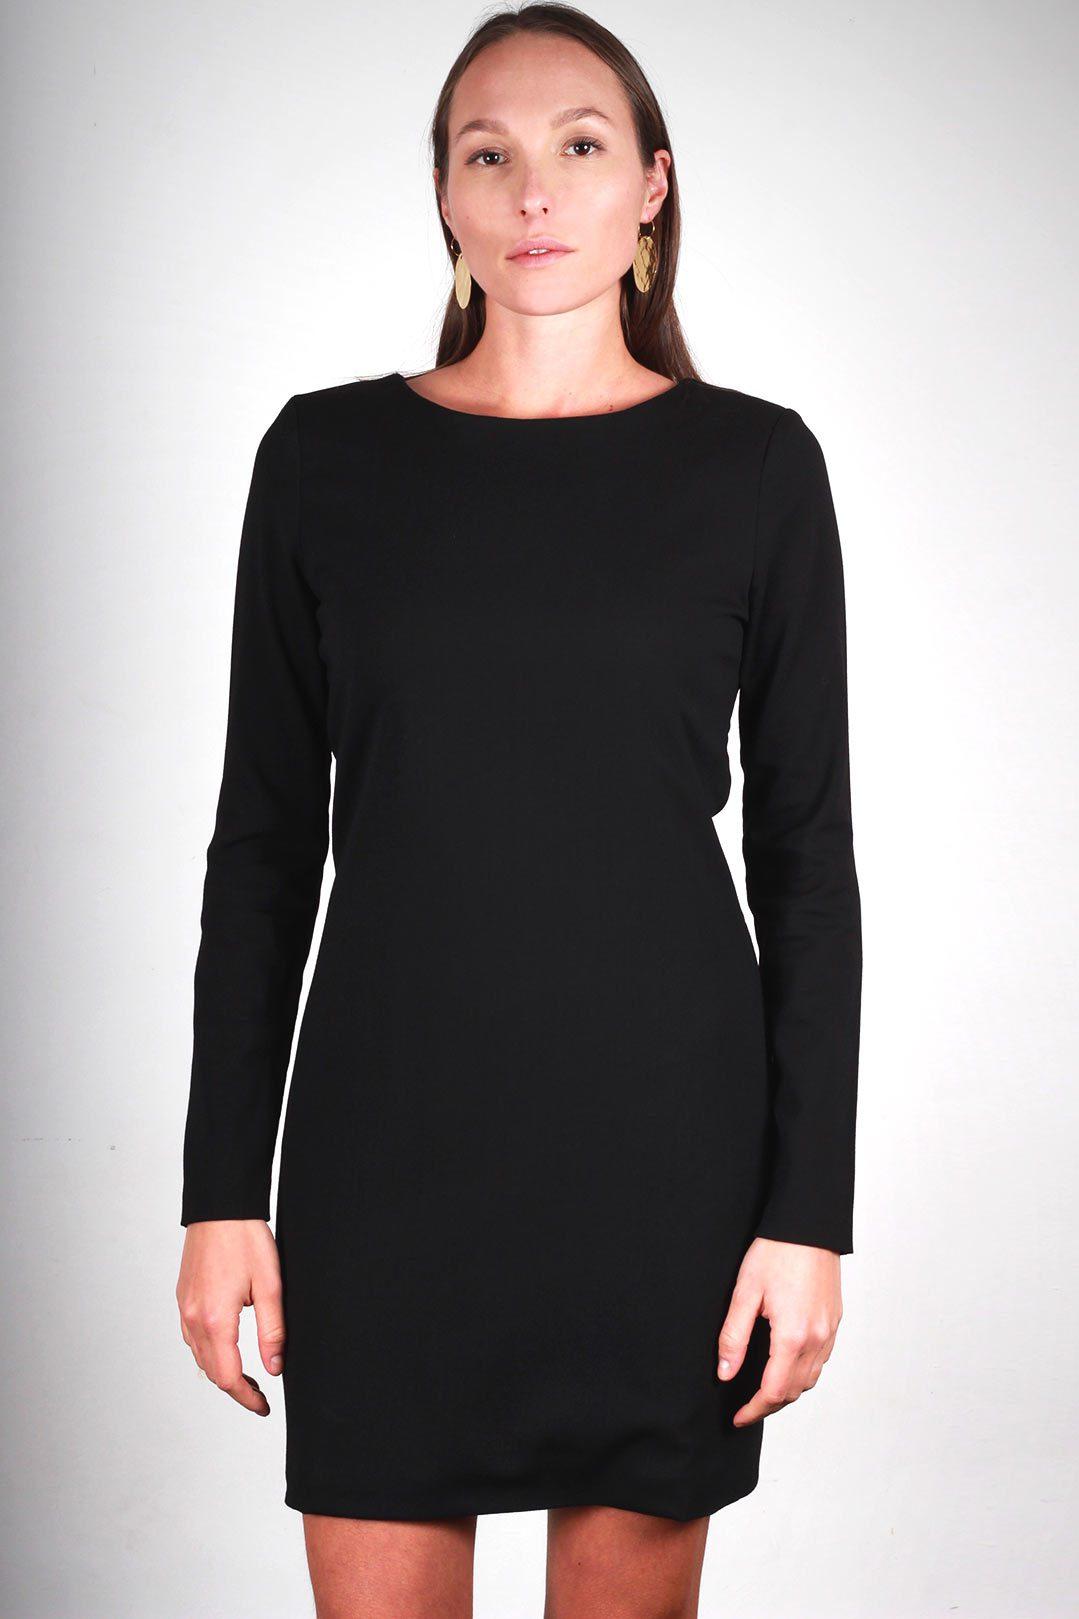 grande vente 471d7 d5b52 Robe laine noire manche longue - Agathe